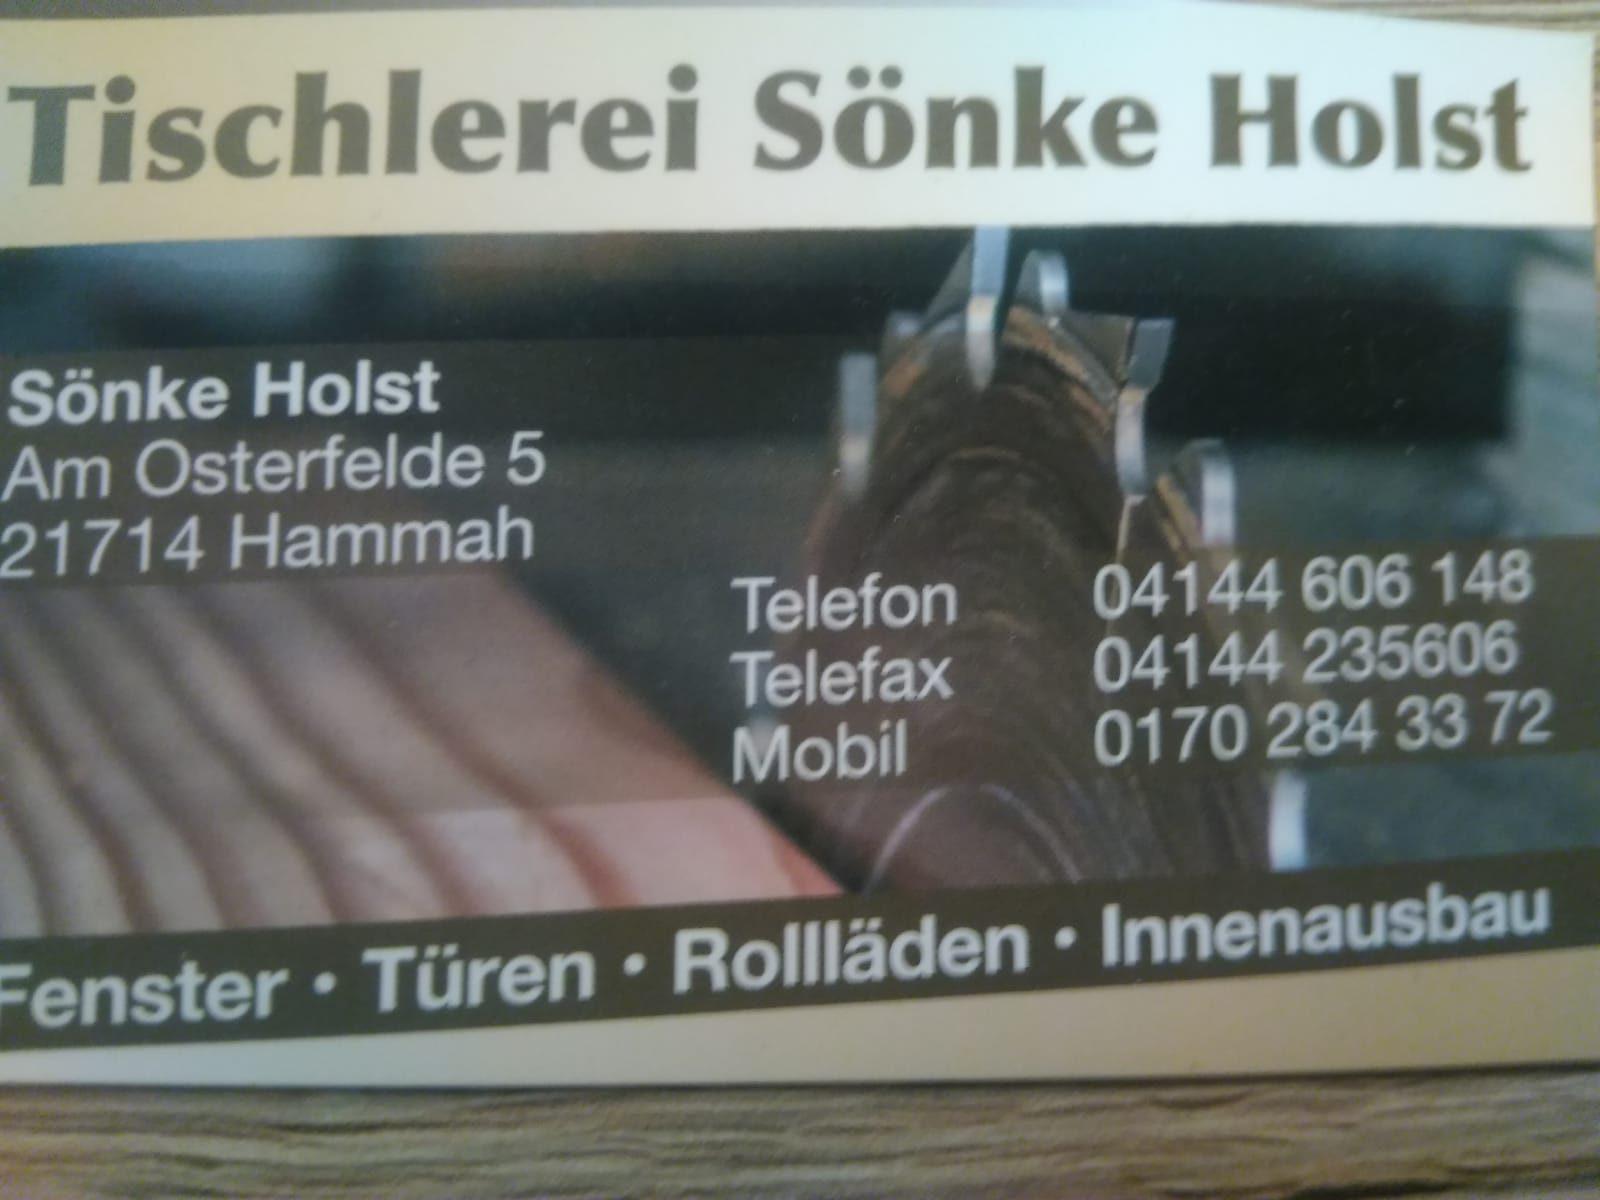 Tischlerei Sönke Holst